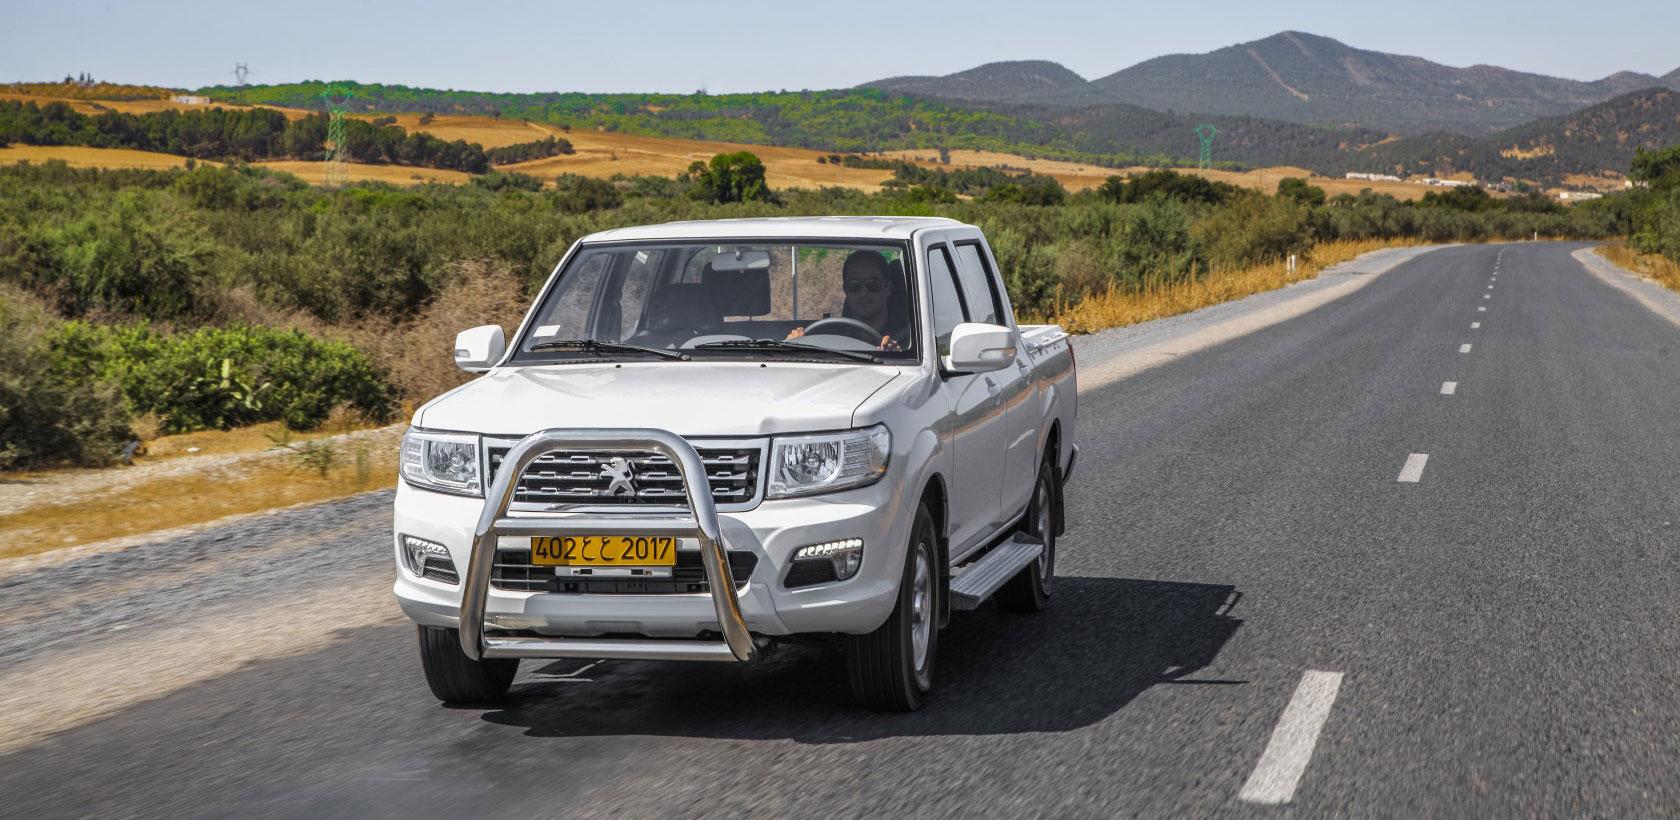 Lancement officiel du Peugeot Pickup en Tunisie